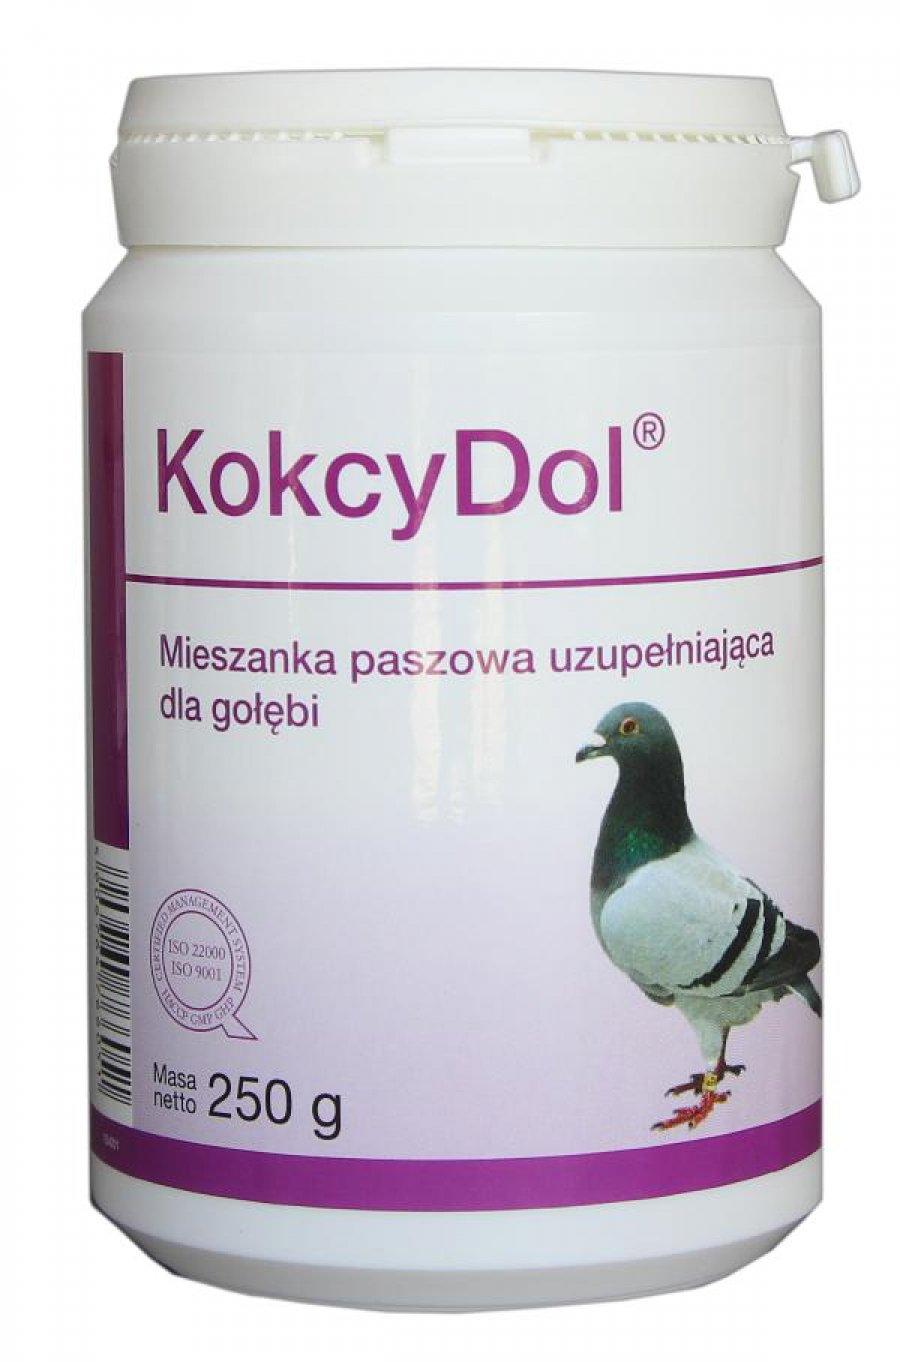 DOLFOS KOKCYDOL 250g zwalczanie zakażeń kokcydiami